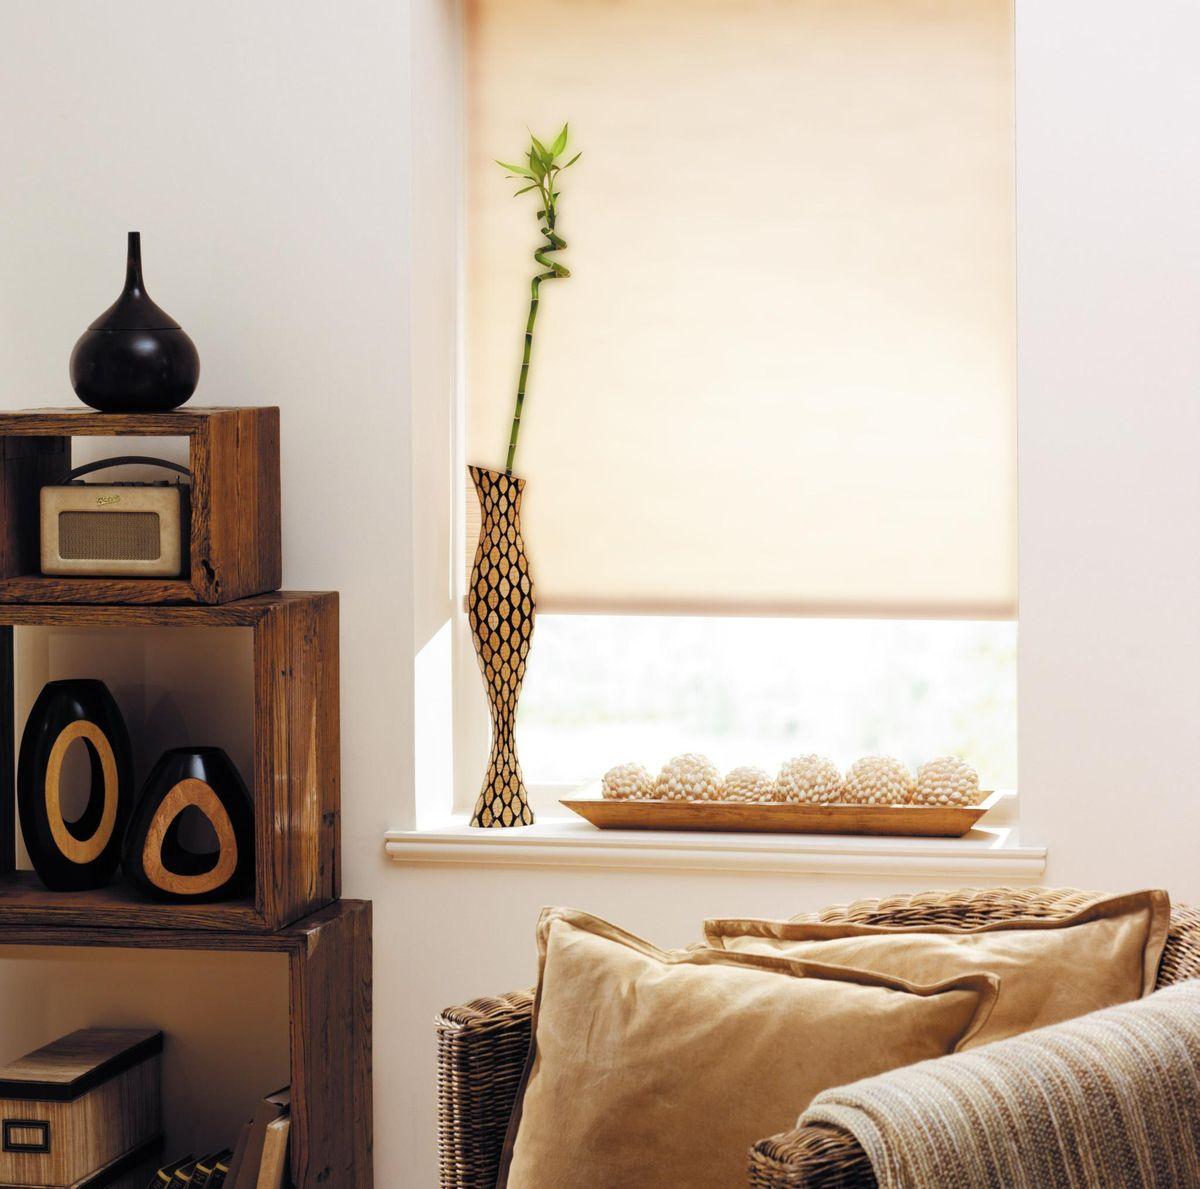 Штора рулонная Эскар, цвет: бежевый лен, ширина 80 см, высота 170 см80409080170Рулонными шторами Эскар можно оформлять окна как самостоятельно, так и использовать в комбинации с портьерами. Это поможет предотвратить выгорание дорогой ткани на солнце и соединит функционал рулонных с красотой навесных. Преимущества применения рулонных штор для пластиковых окон: - имеют прекрасный внешний вид: многообразие и фактурность материала изделия отлично смотрятся в любом интерьере;- многофункциональны: есть возможность подобрать шторы способные эффективно защитить комнату от солнца, при этом она не будет слишком темной. - Есть возможность осуществить быстрый монтаж.ВНИМАНИЕ! Размеры ширины изделия указаны по ширине ткани! Во время эксплуатации не рекомендуется полностью разматывать рулон, чтобы не оторвать ткань от намоточного вала. В случае загрязнения поверхности ткани, чистку шторы проводят одним из способов, в зависимости от типа загрязнения:легкое поверхностное загрязнение можно удалить при помощи канцелярского ластика;чистка от пыли производится сухим методом при помощи пылесоса с мягкой щеткой-насадкой;для удаления пятна используйте мягкую губку с пенообразующим неагрессивным моющим средством или пятновыводитель на натуральной основе (нельзя применять растворители).